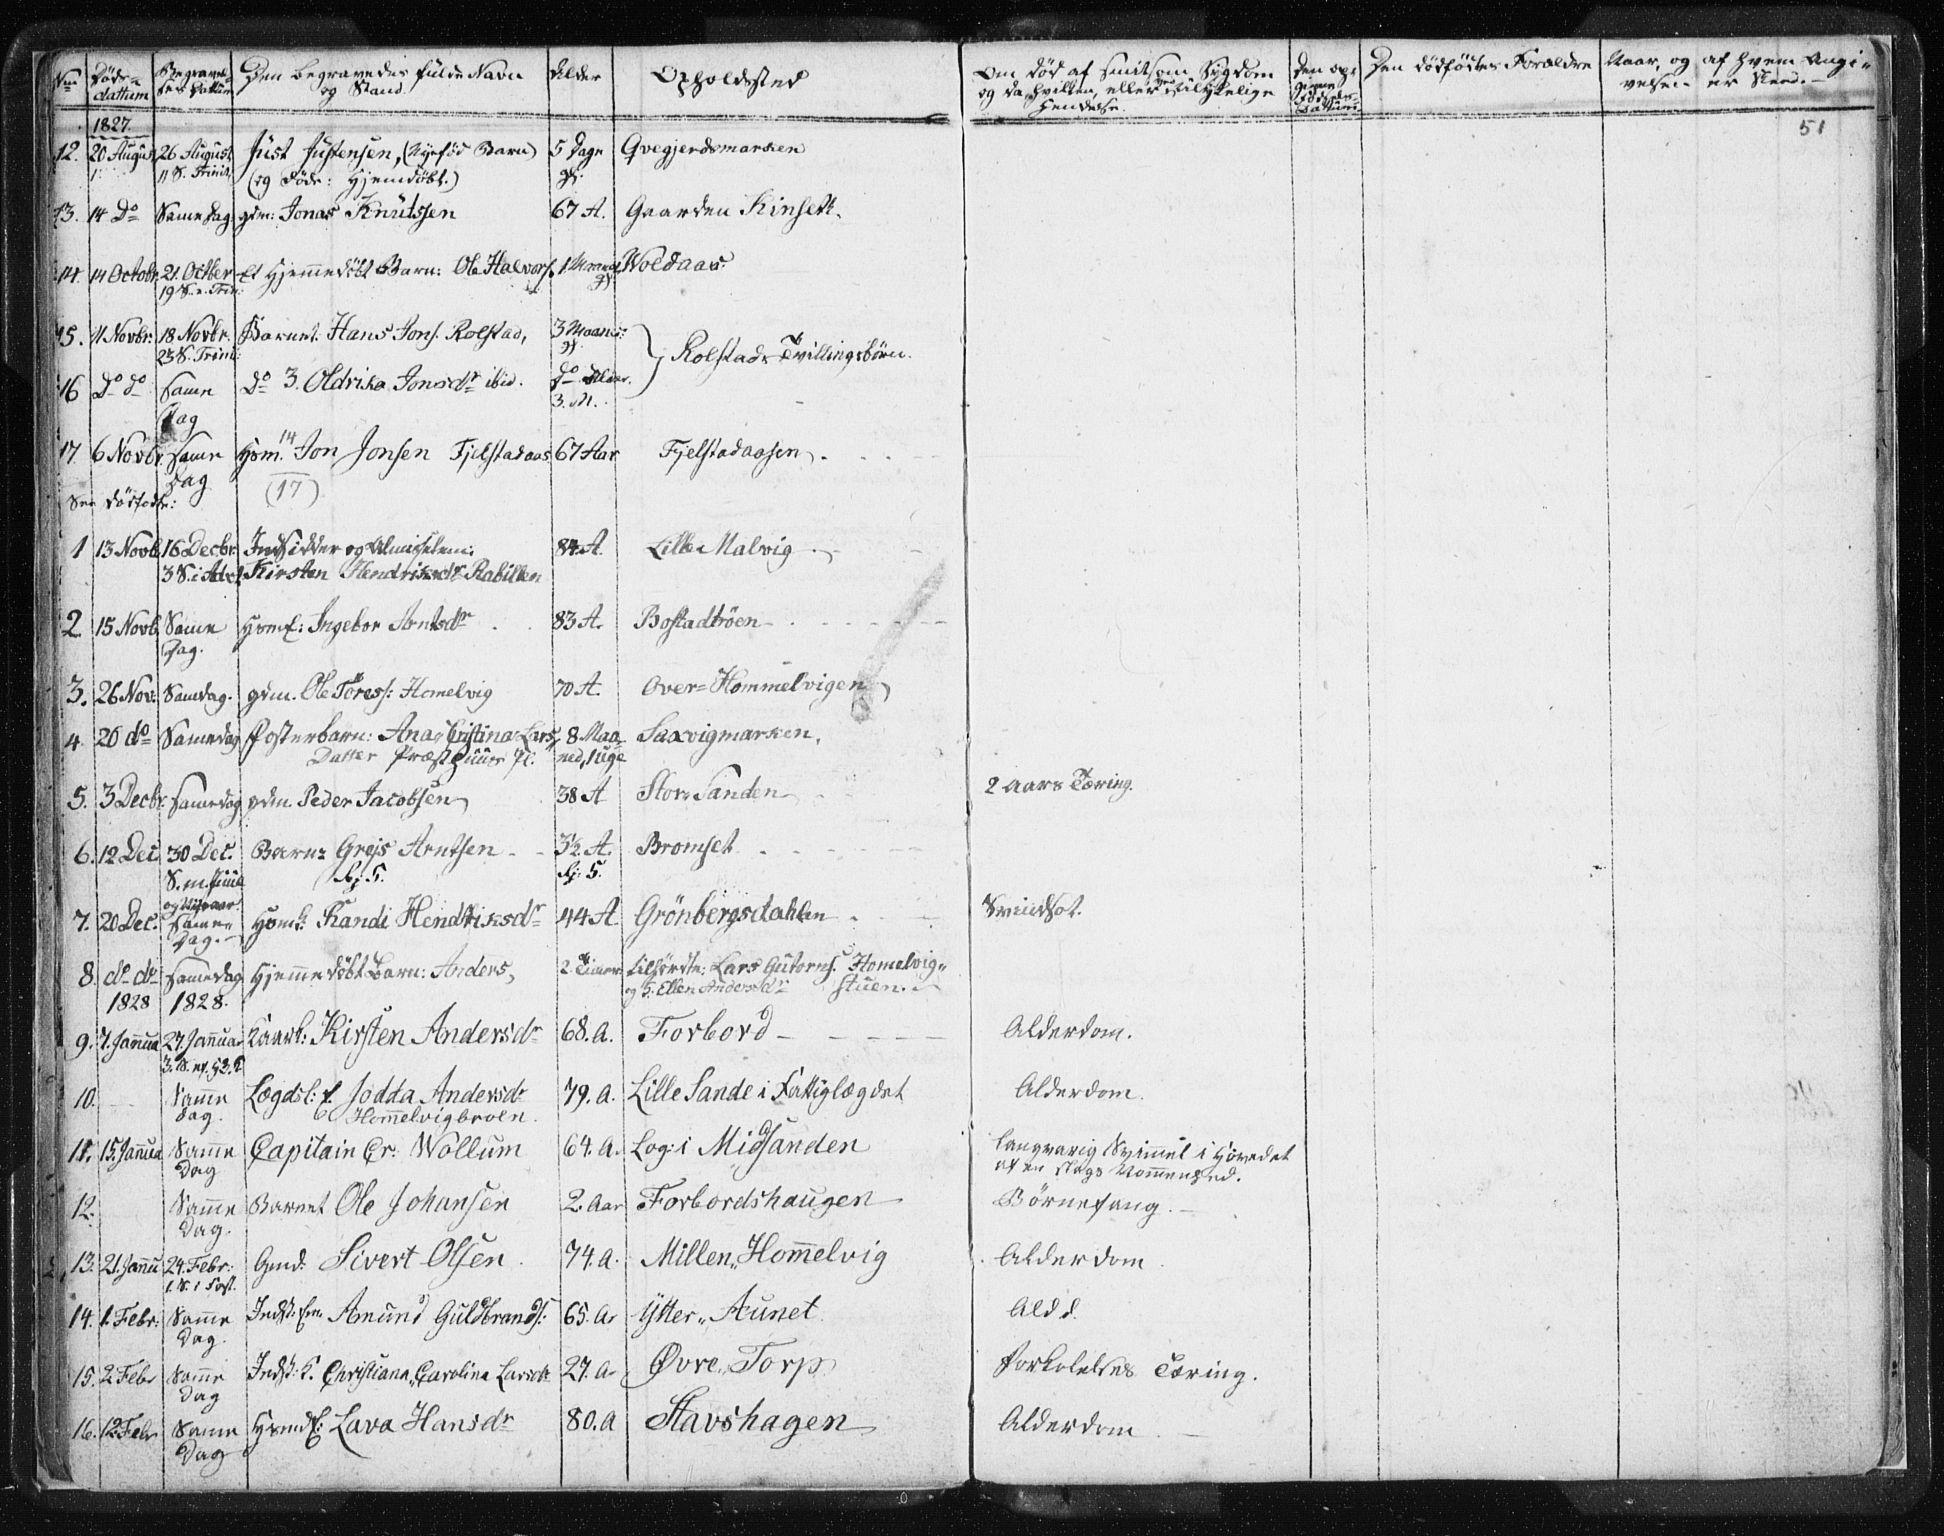 SAT, Ministerialprotokoller, klokkerbøker og fødselsregistre - Sør-Trøndelag, 616/L0404: Ministerialbok nr. 616A01, 1823-1831, s. 51